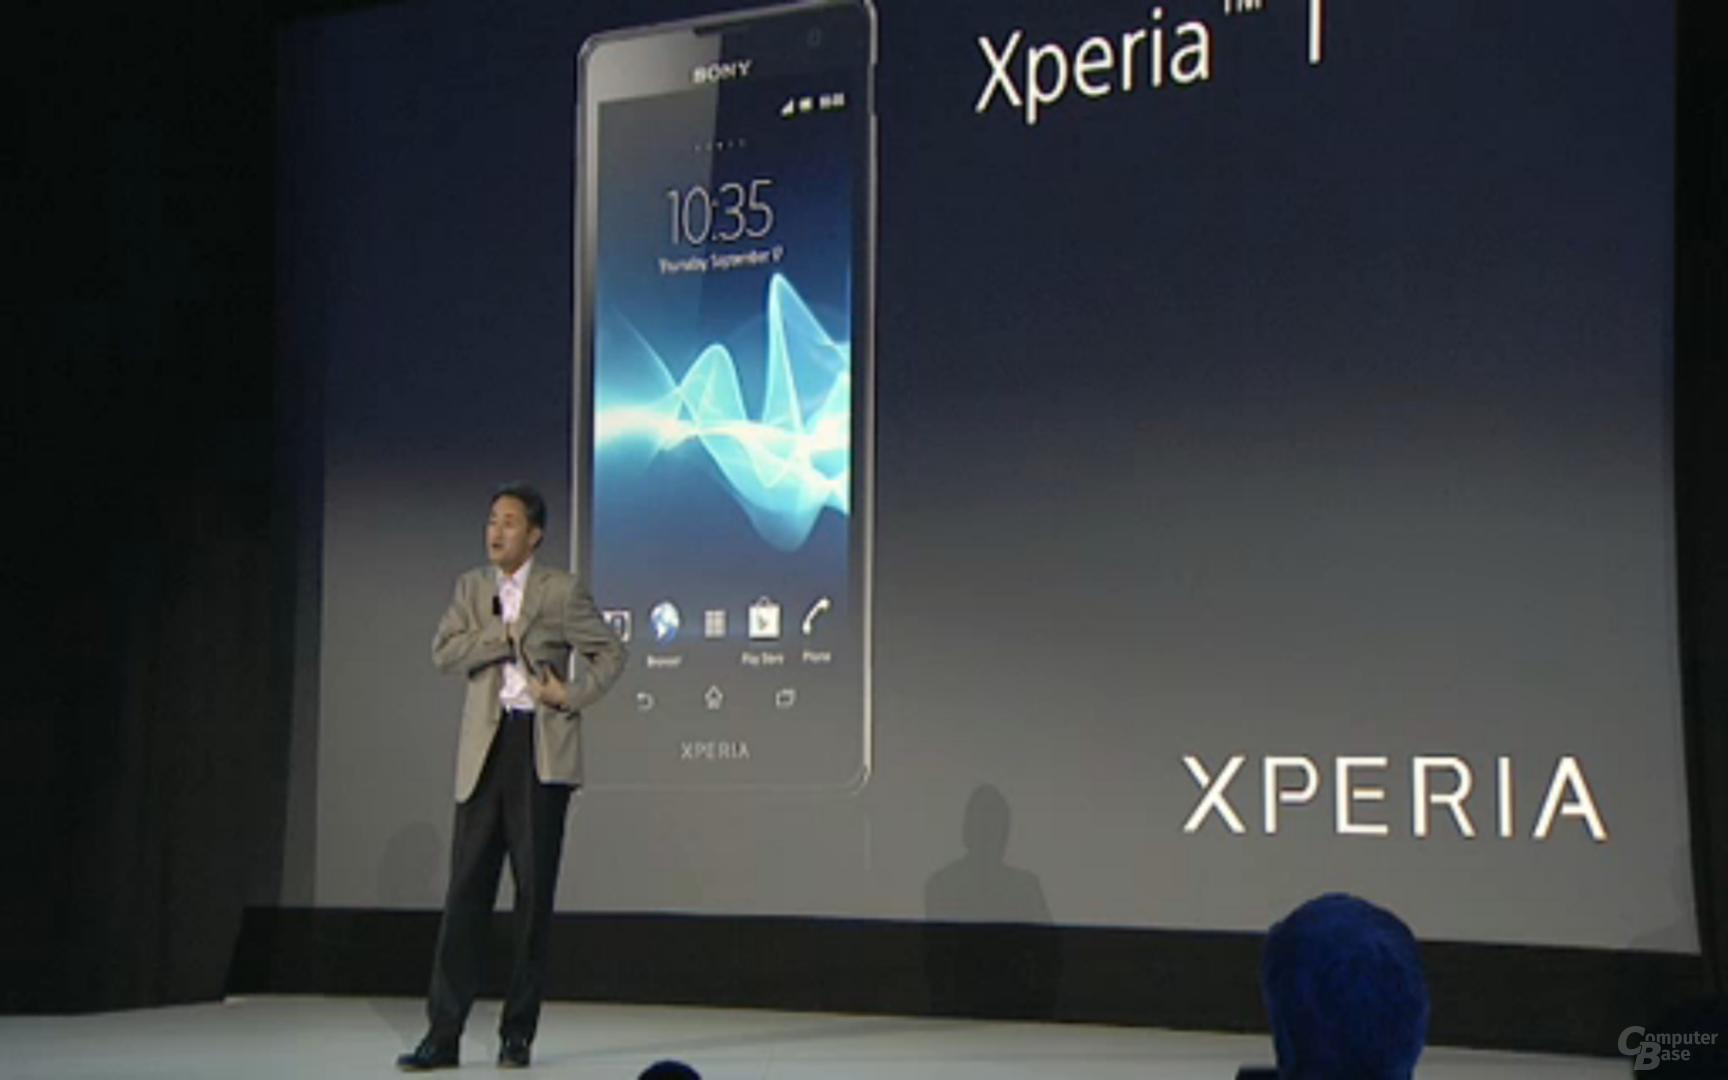 Sony Xperia T, V und J